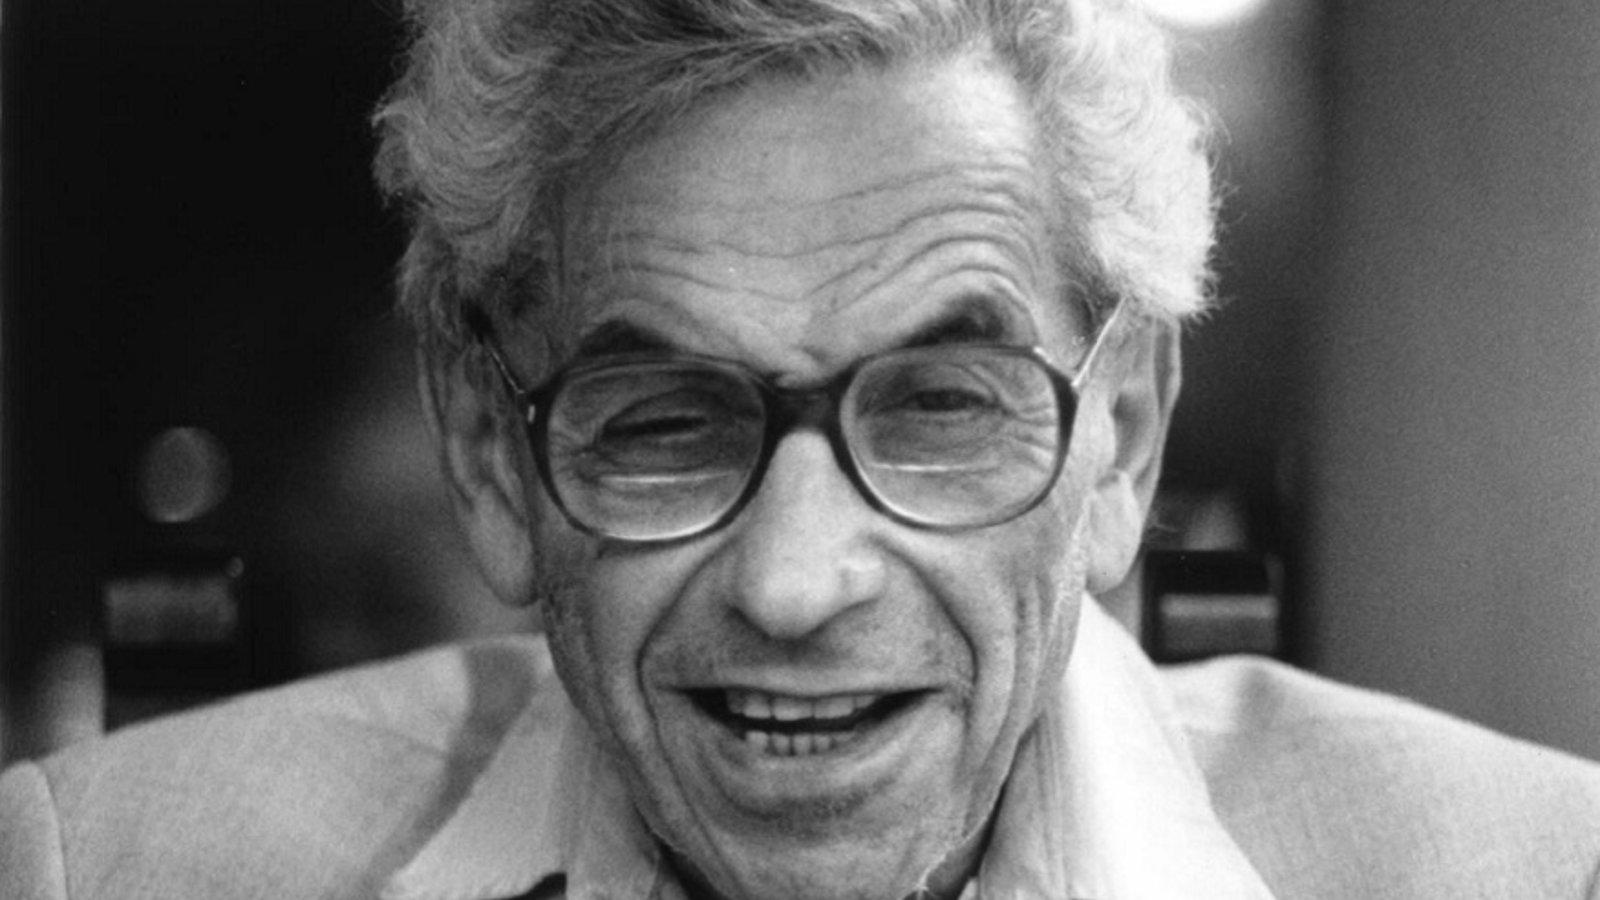 N is a Number: A Portrait of Paul Erdös